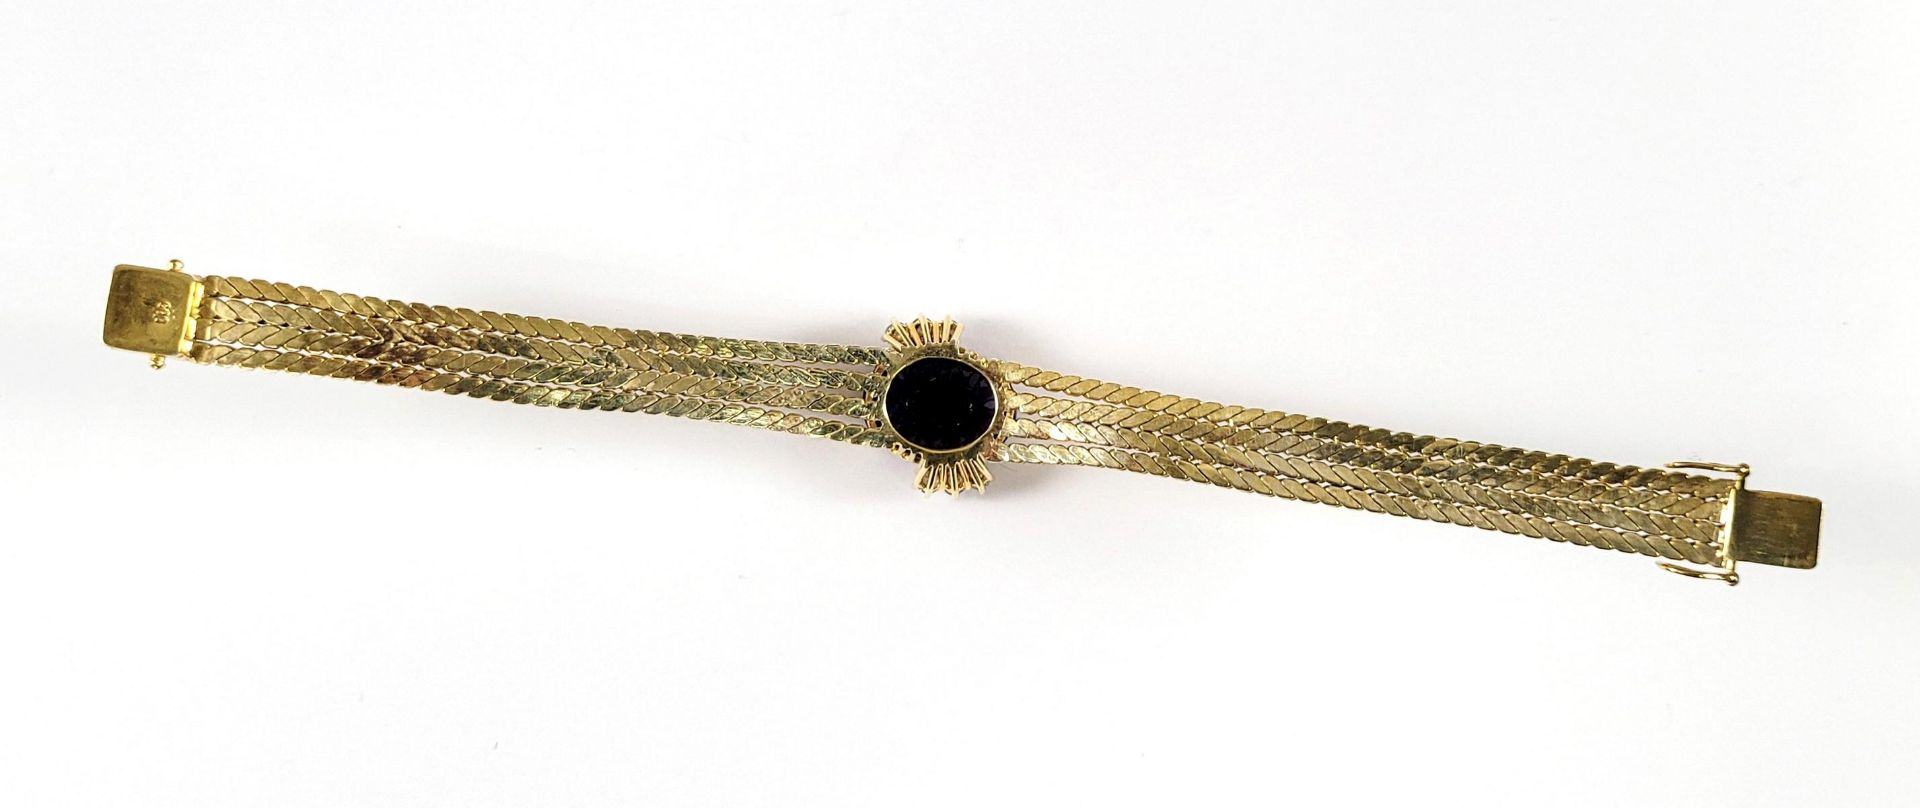 Damenarmband mit großem, facettierten Amethyst und Diamanten, 14 Karat Gelbgold - Bild 3 aus 7